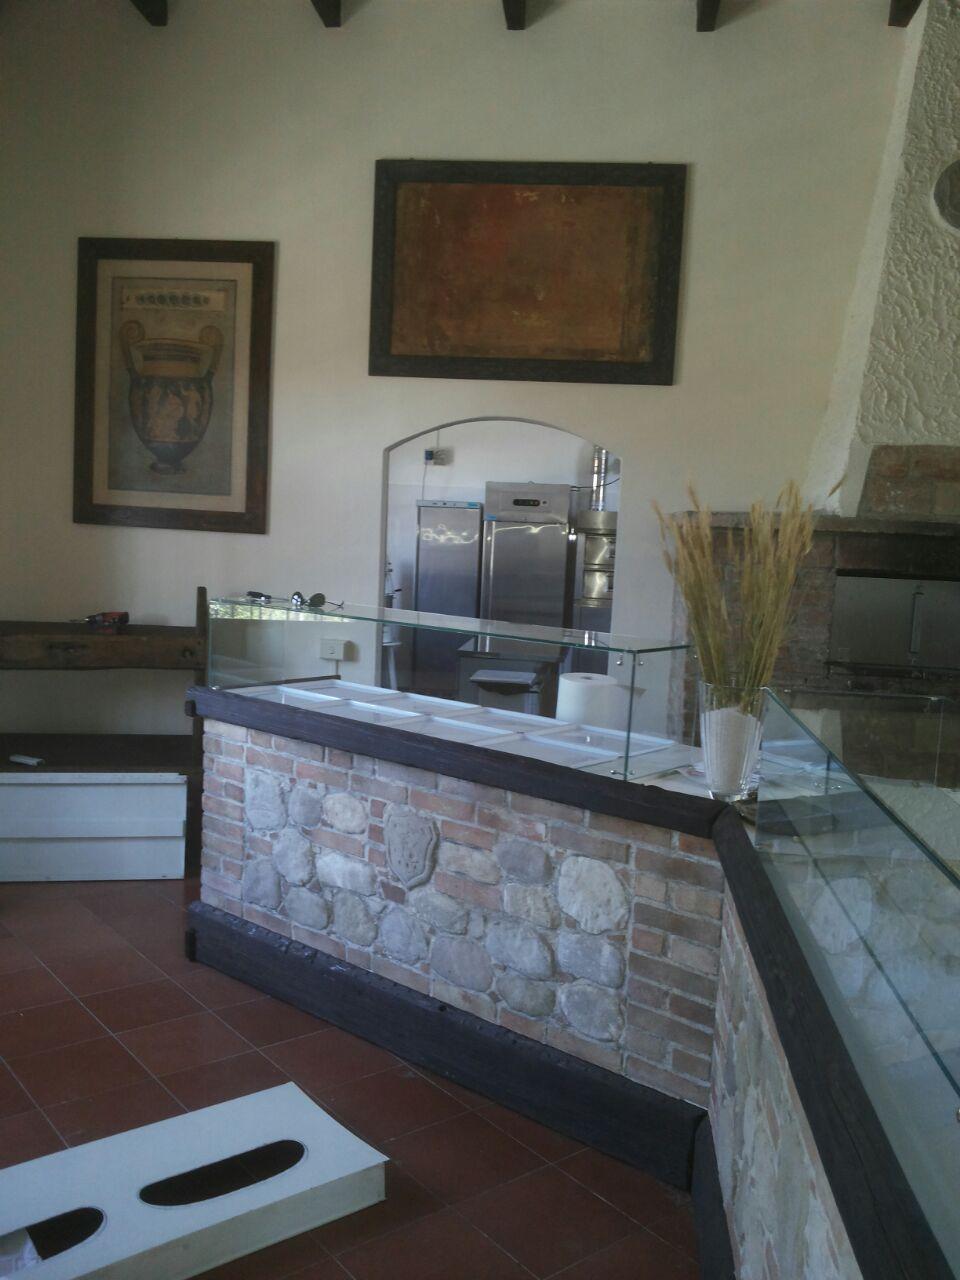 Bancone pizzeria realizzato in finta pietra faccia a vista